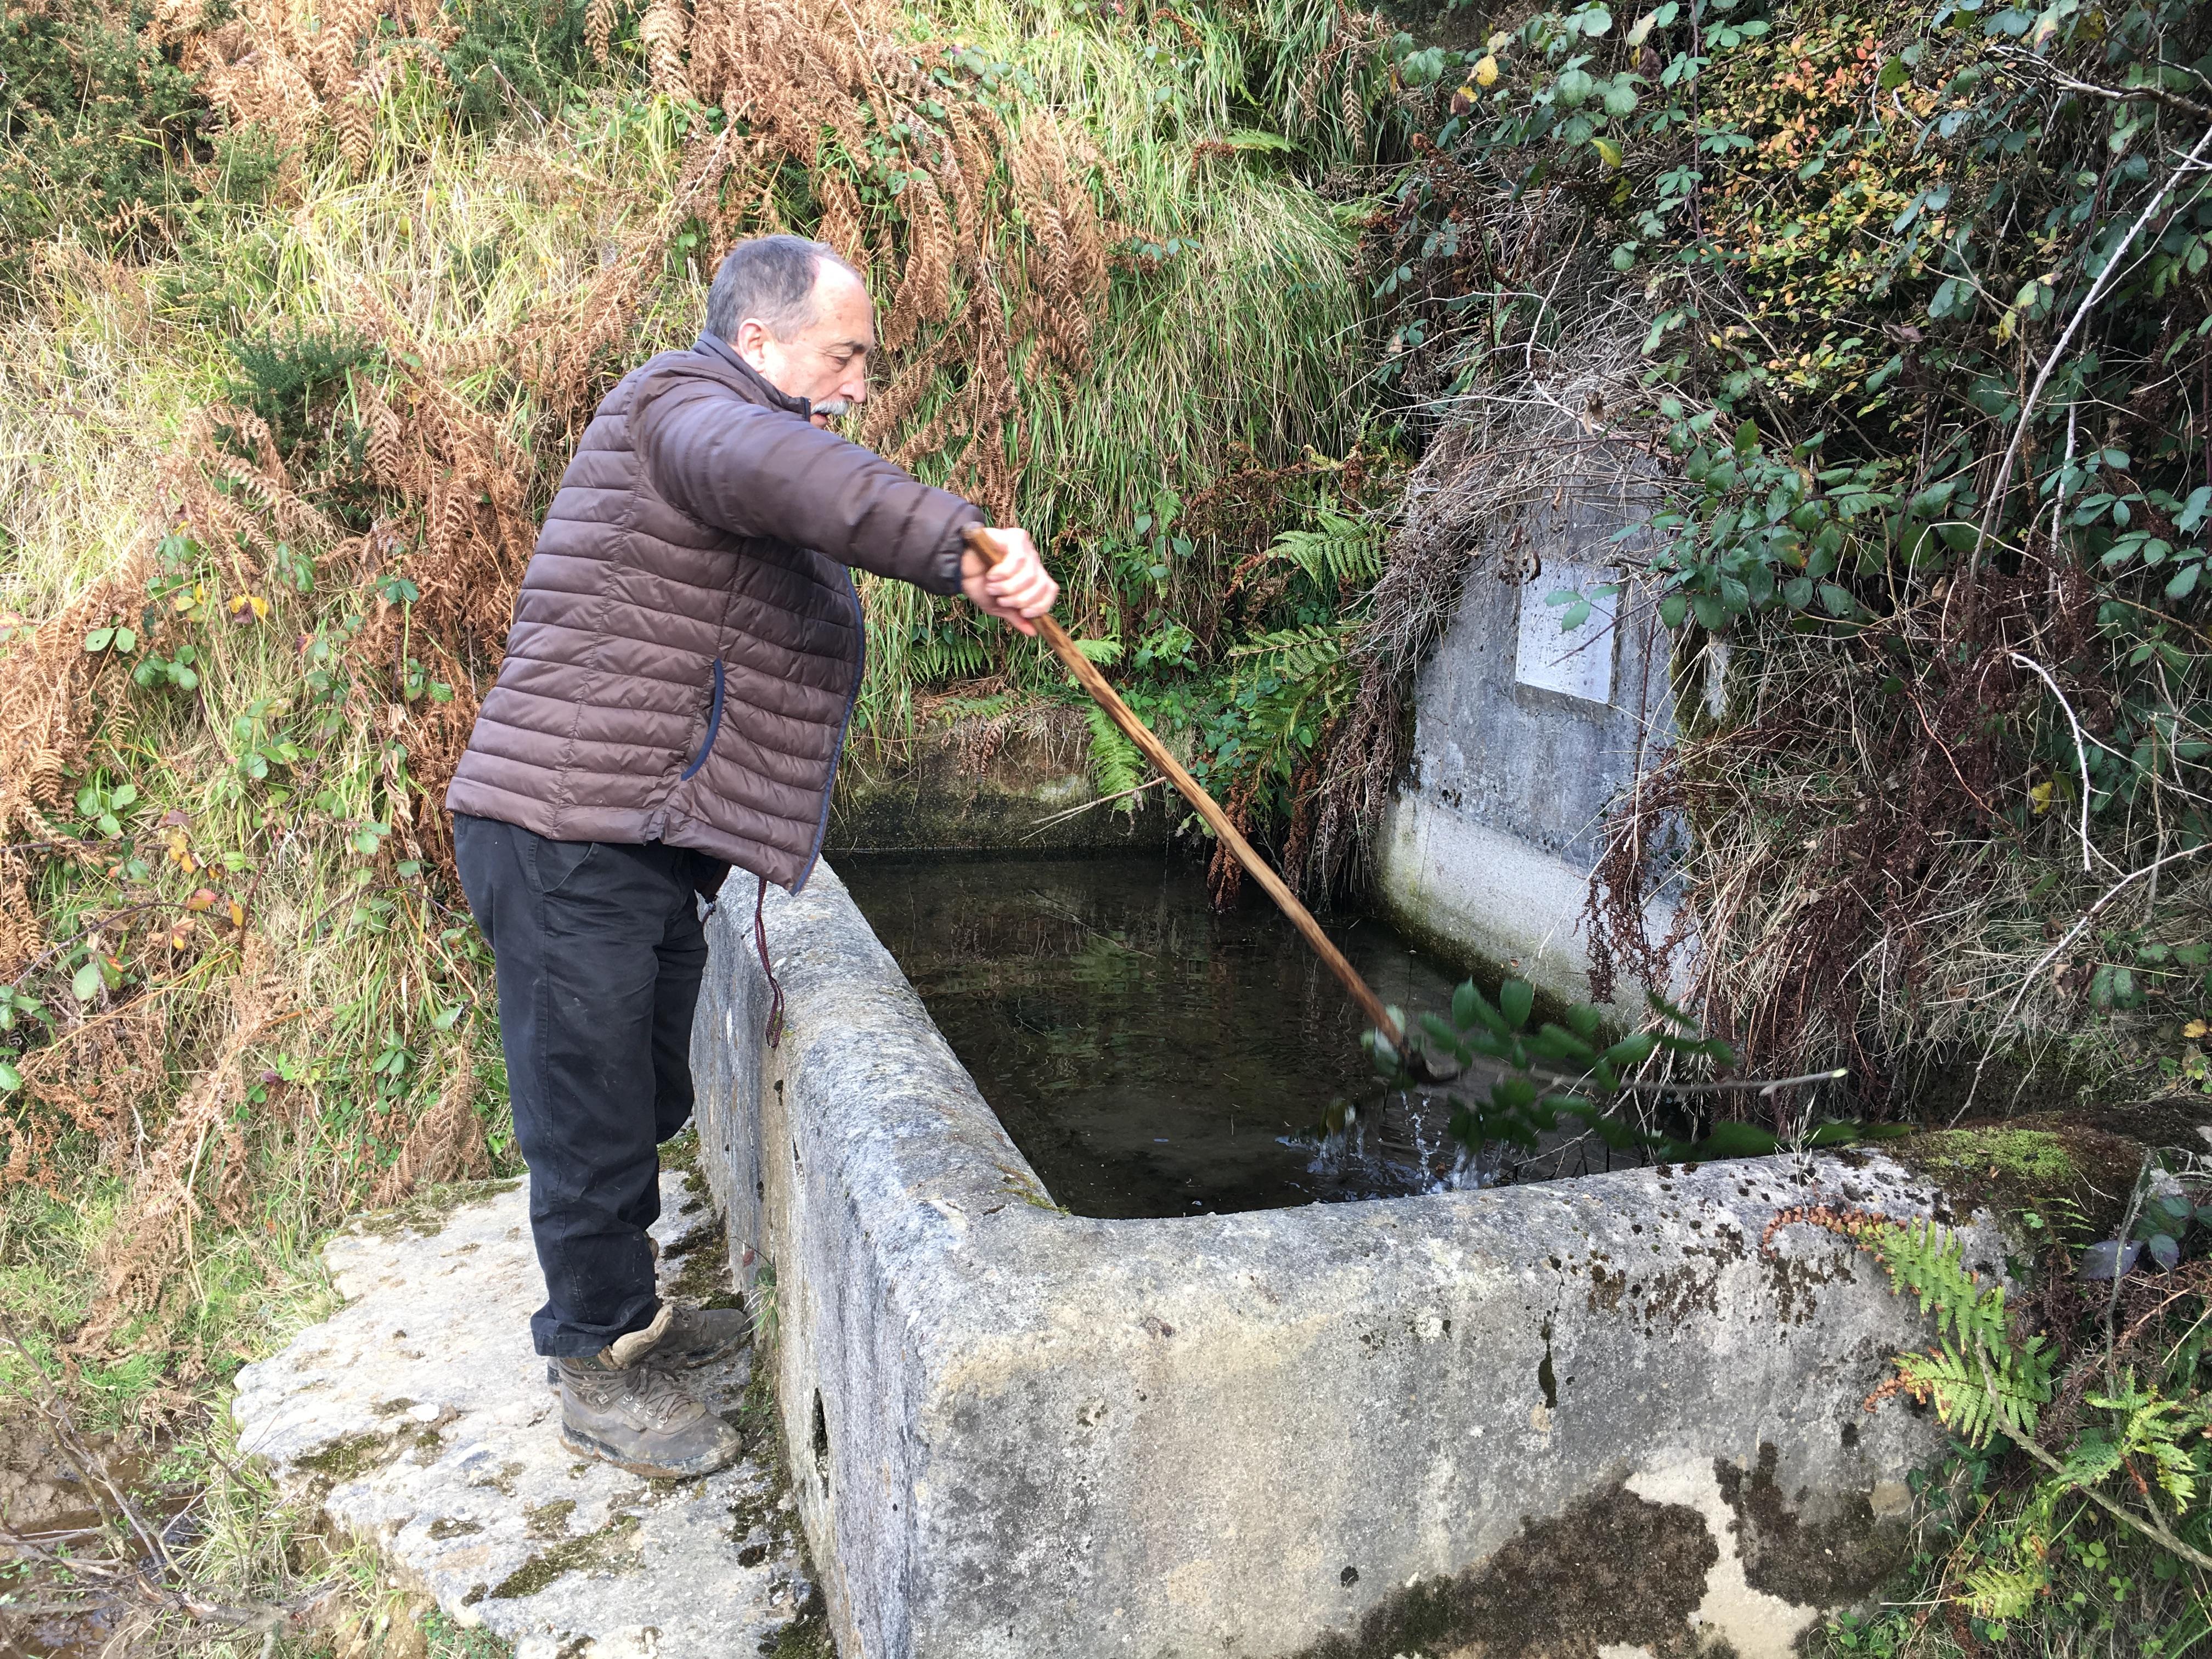 Valle del río Llamo (Riosa): Fuente Bermeya (El Cordal; José Luis Villanueva)